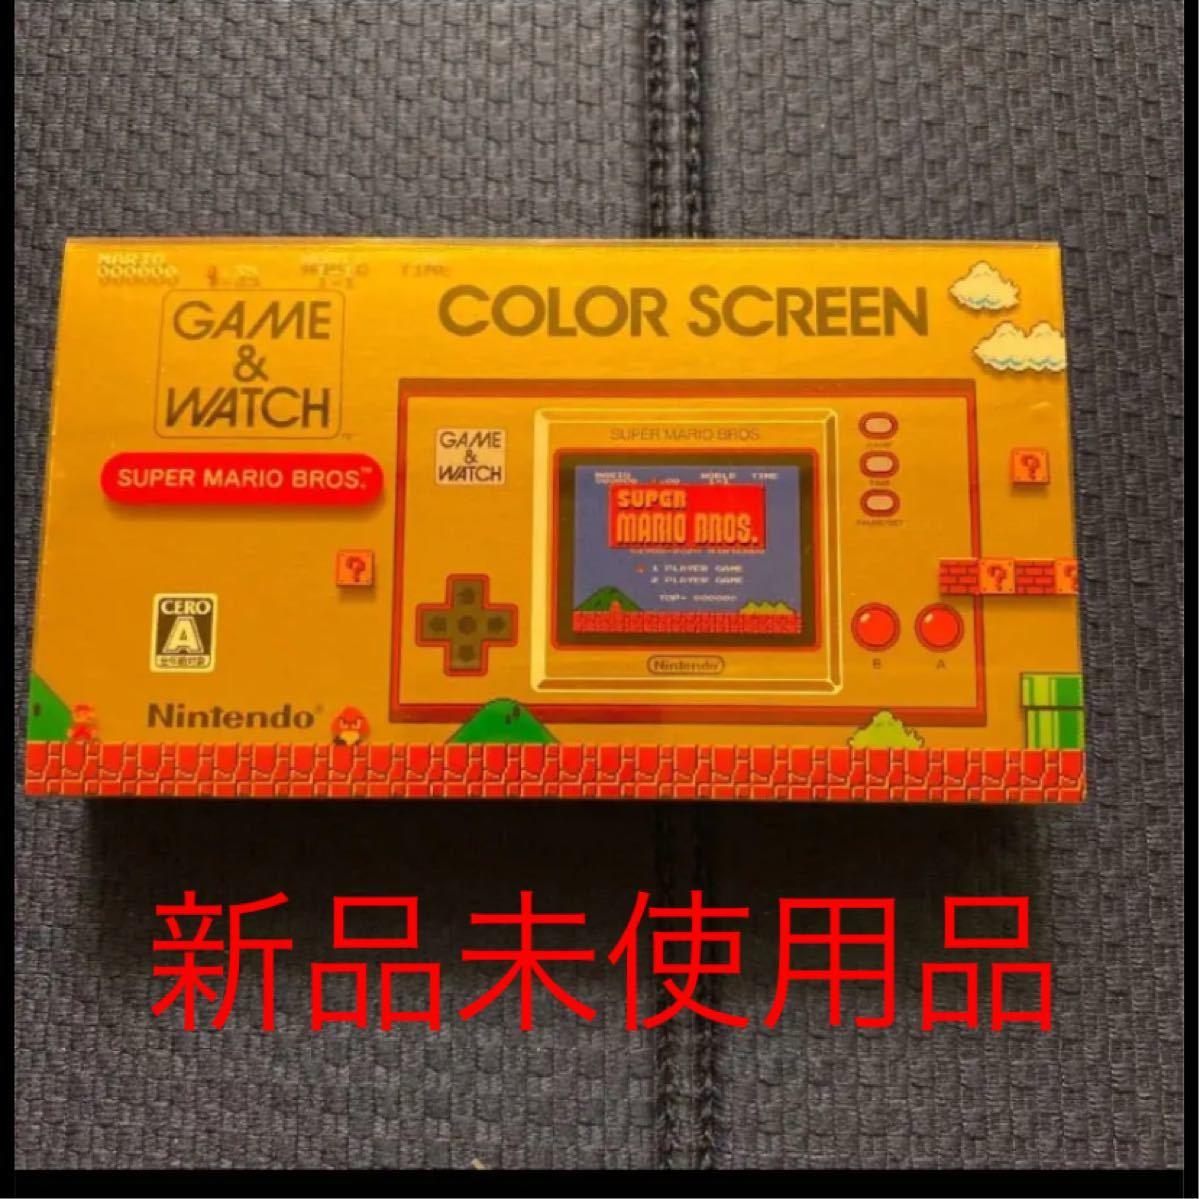 ゲーム&ウォッチ 新品未使用品 Nintendo 購入証明付